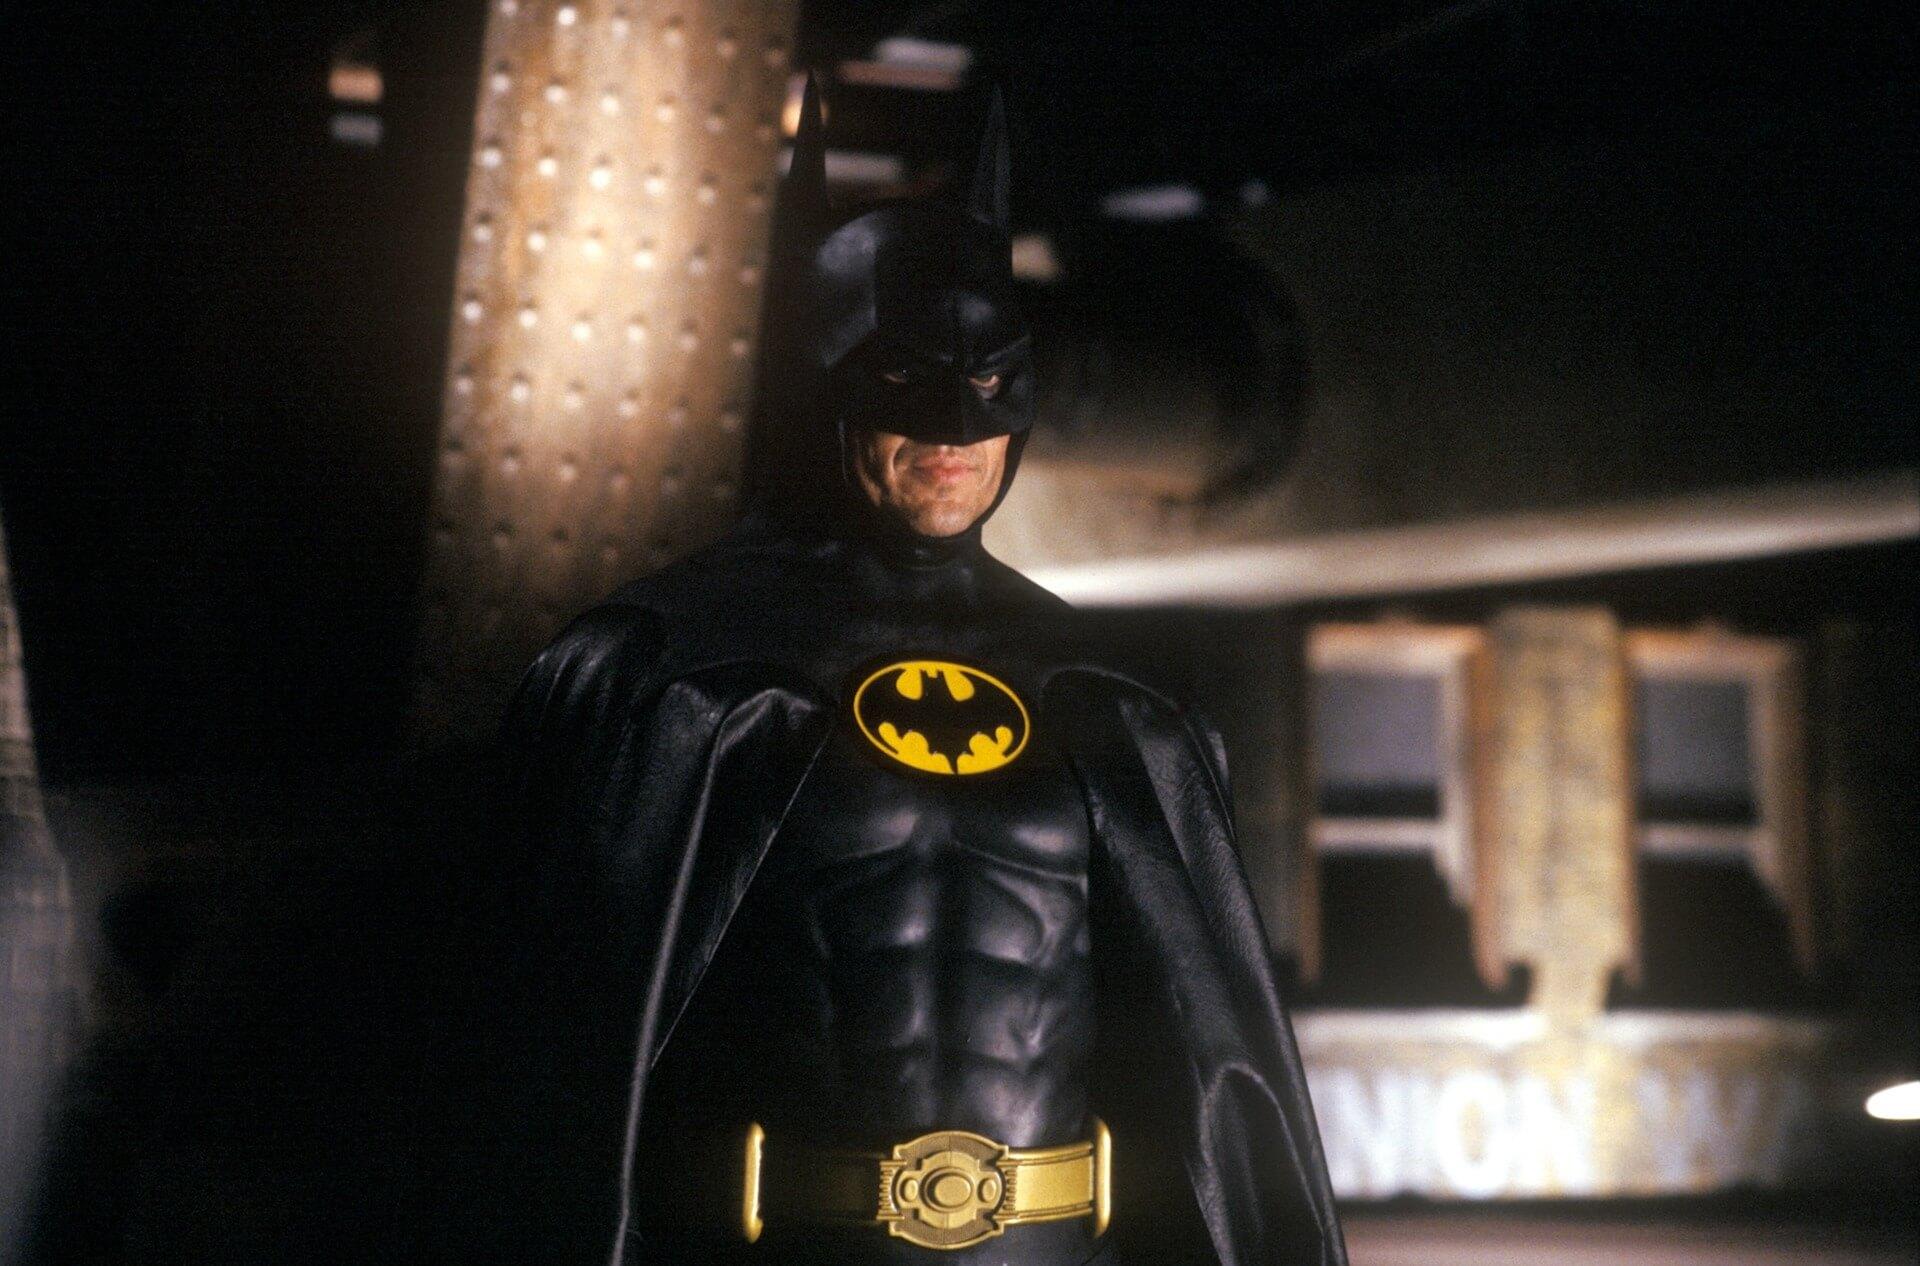 マイケル・キートン演じるバットマンが帰ってくる!?エズラ・ミラー主演のDC映画『ザ・フラッシュ』に登場か film200623_batman_main